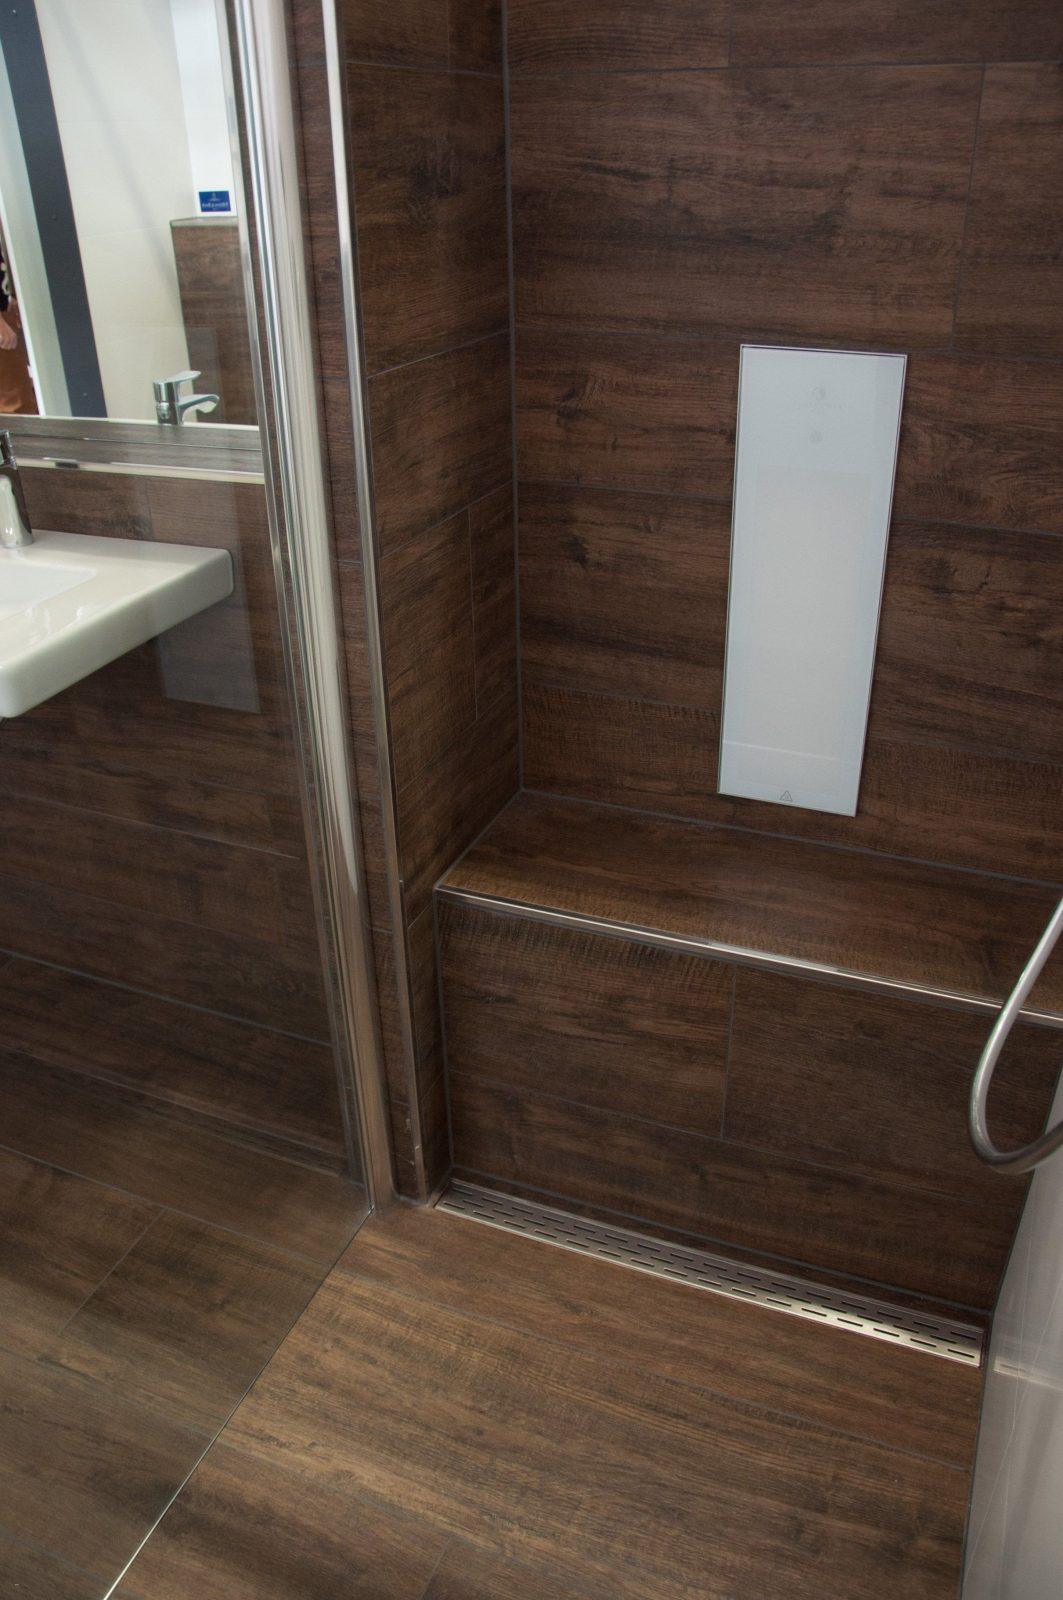 Begehbare Dusche Mit Sitzbank Frisch Dusche Sitzbank Aus Fliesen In von Begehbare Dusche Mit Sitzbank Bild